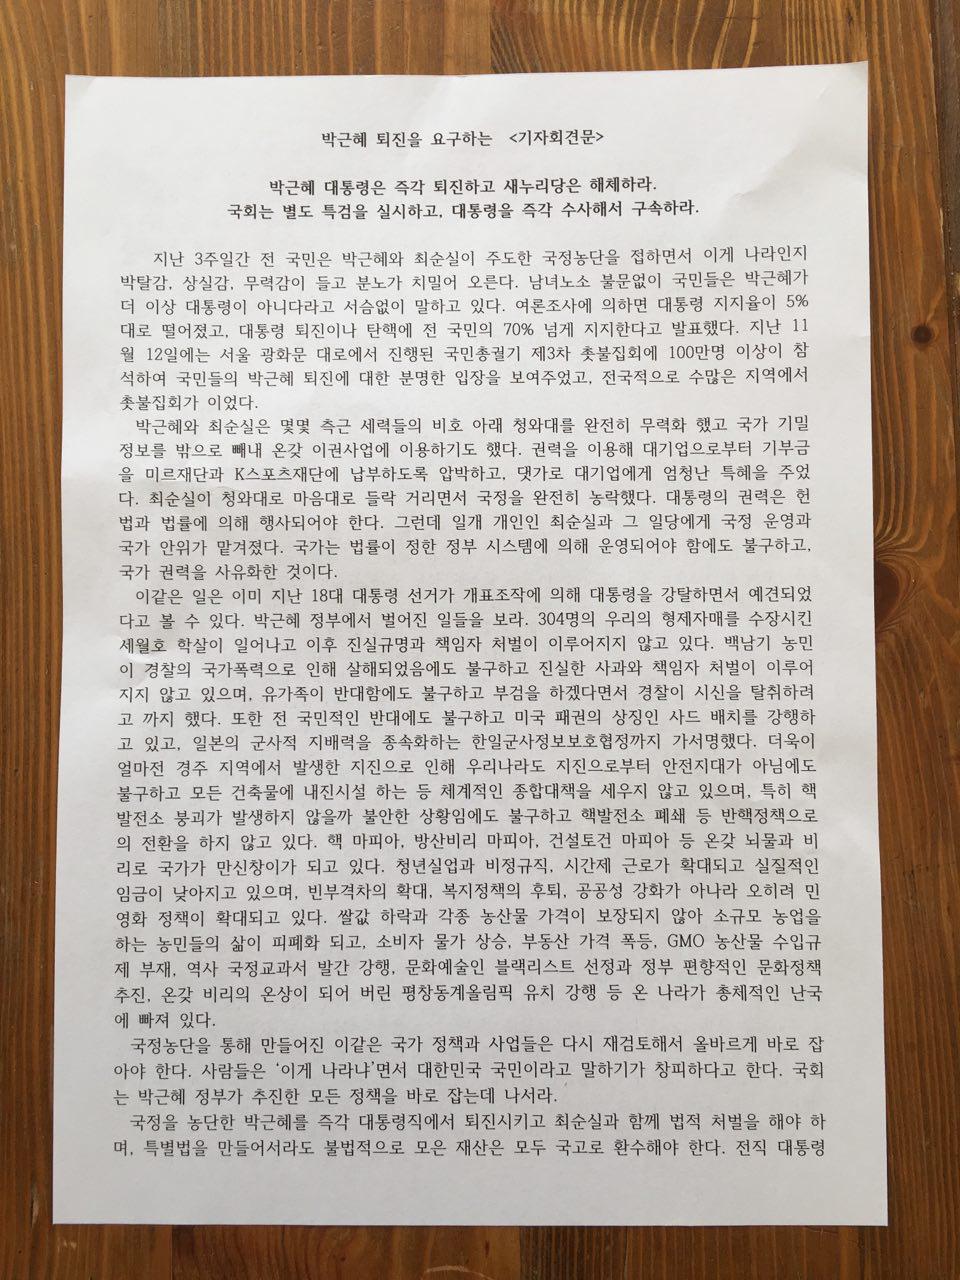 16.11.16_시민 12,000명 박근혜퇴진 서명 기자회견문_1.jpg